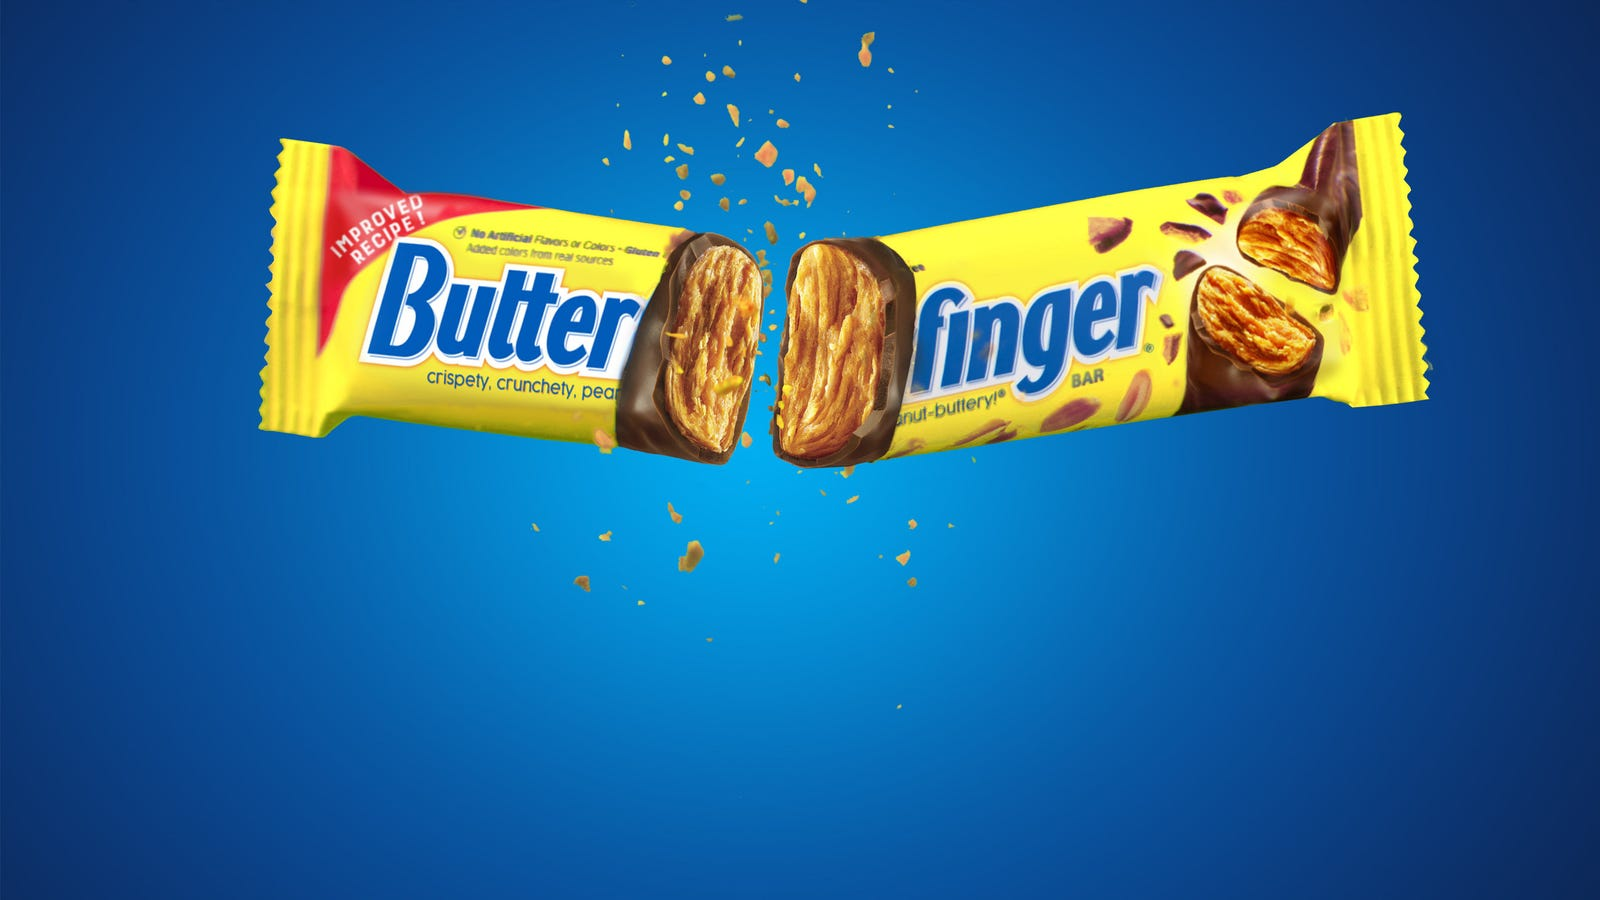 New Butterfinger recipe promises a Betterfinger